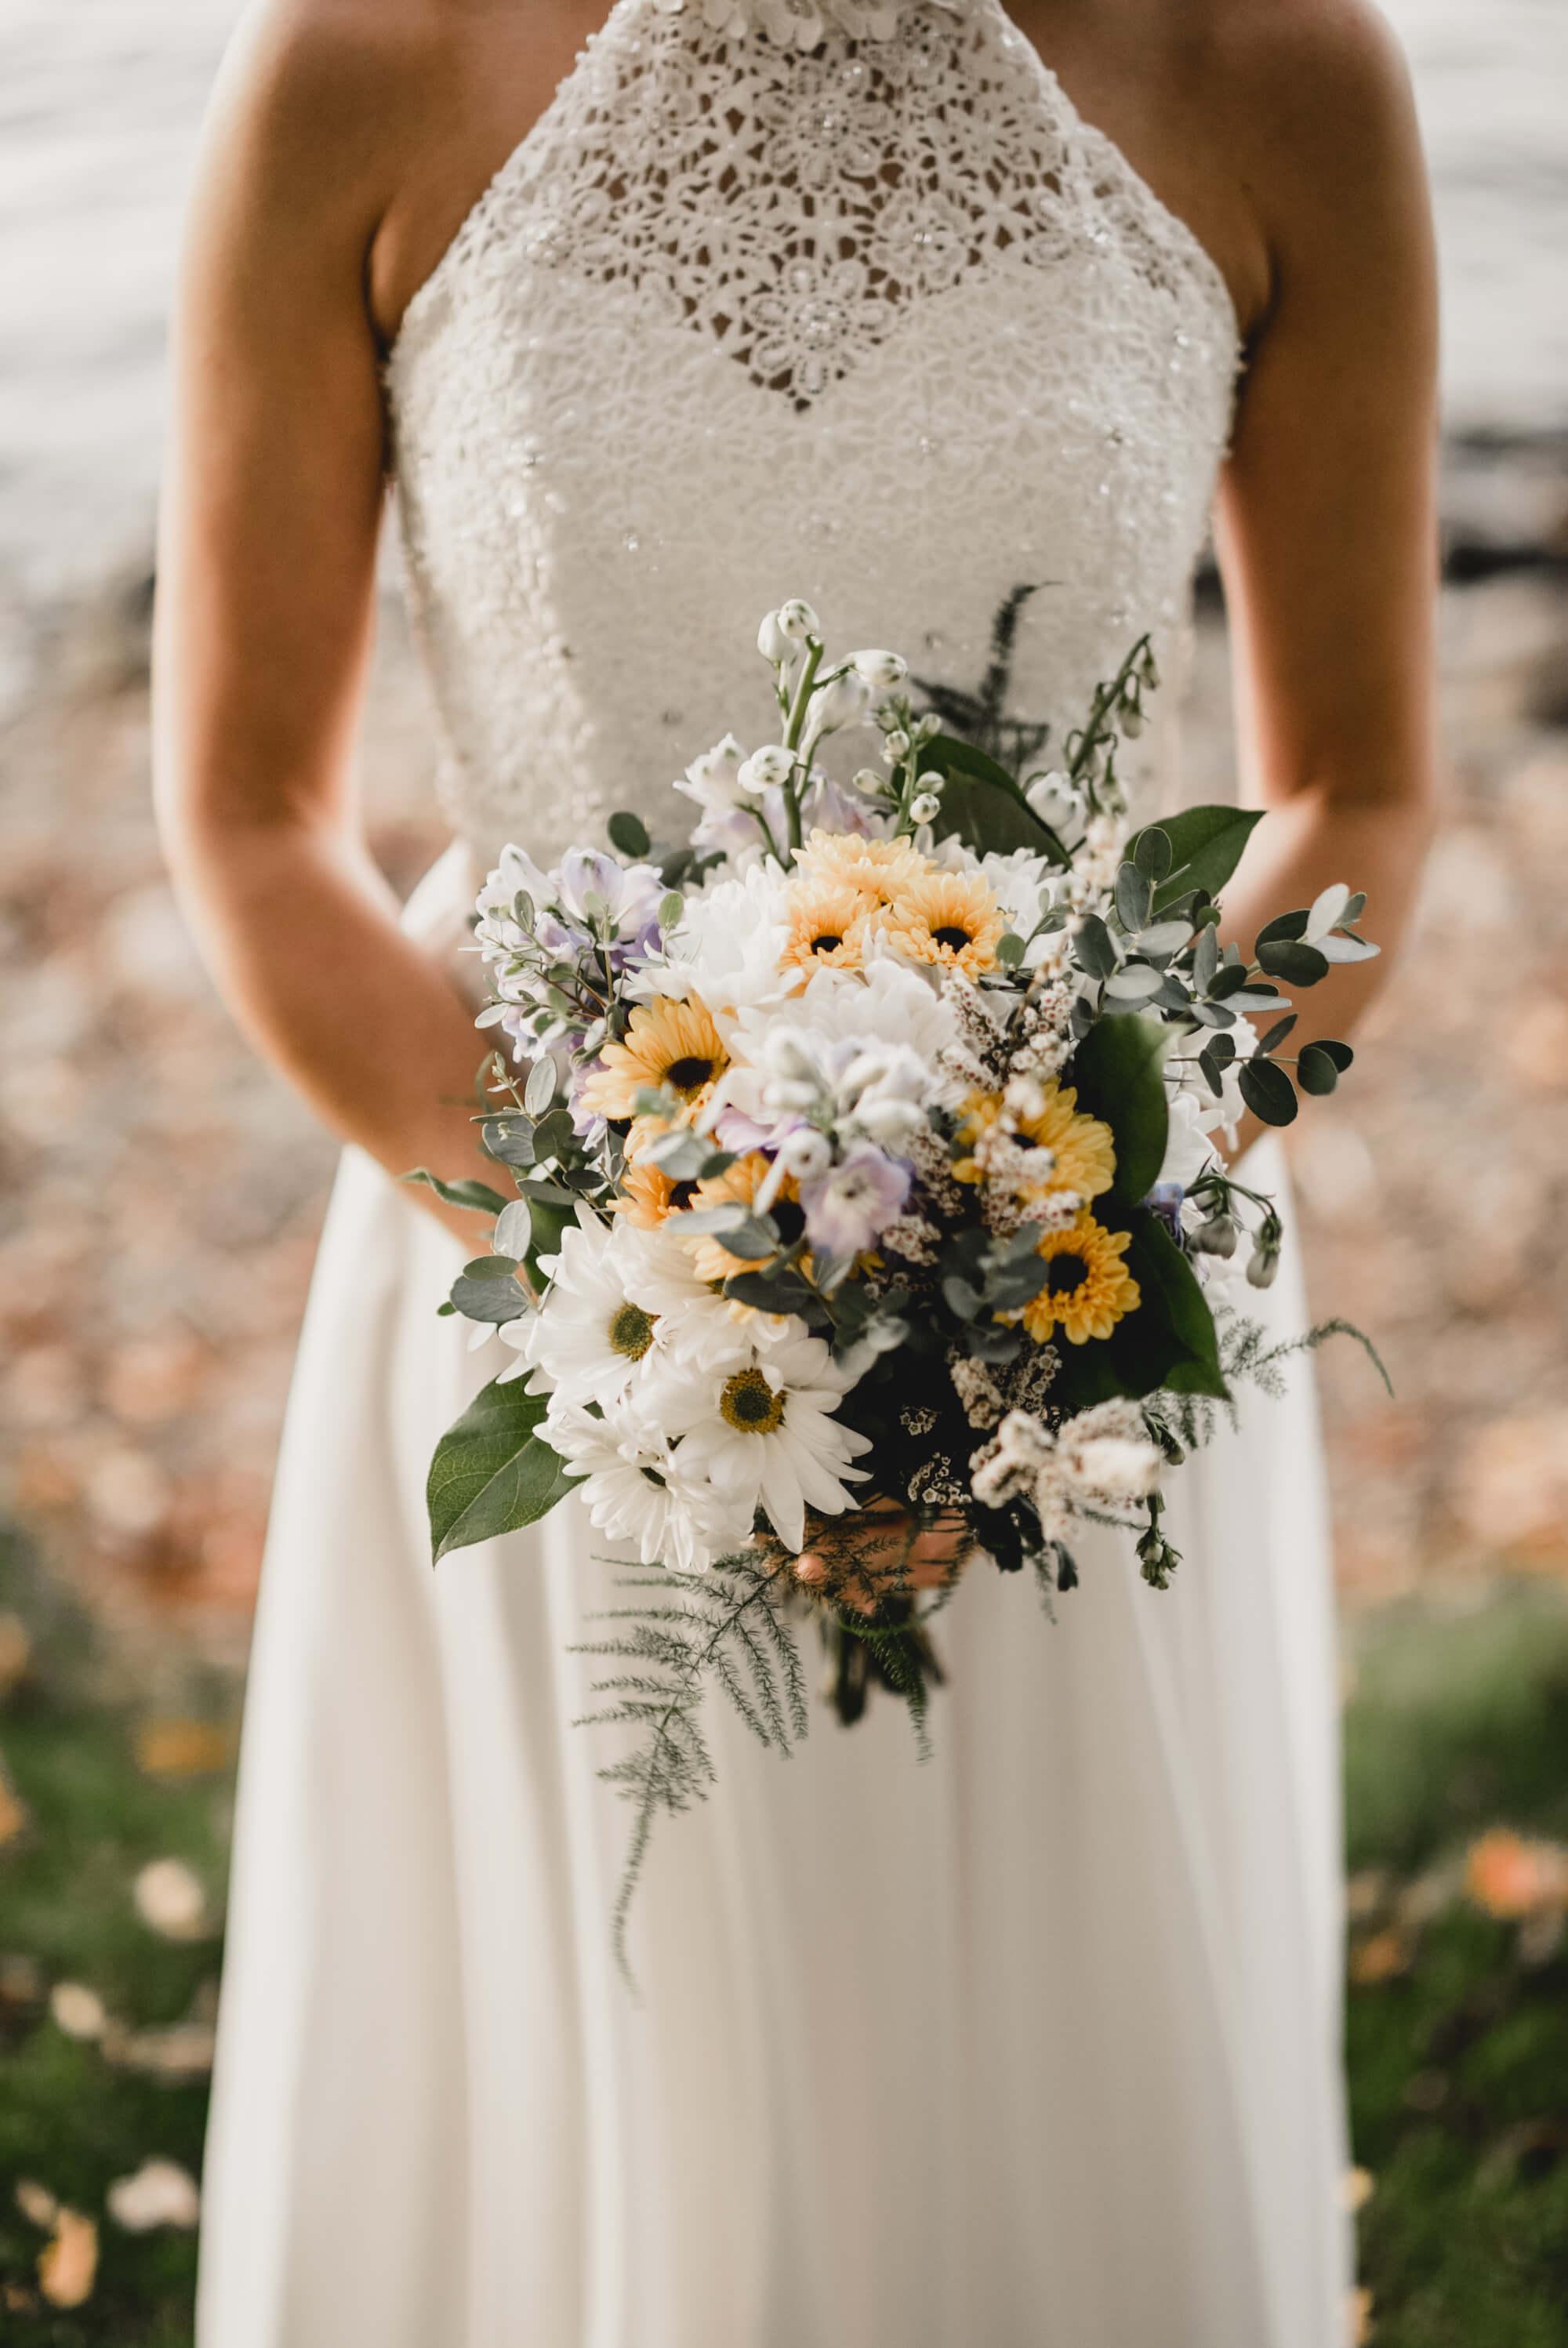 engle-olson-tammy-marc-wedding-62.jpg